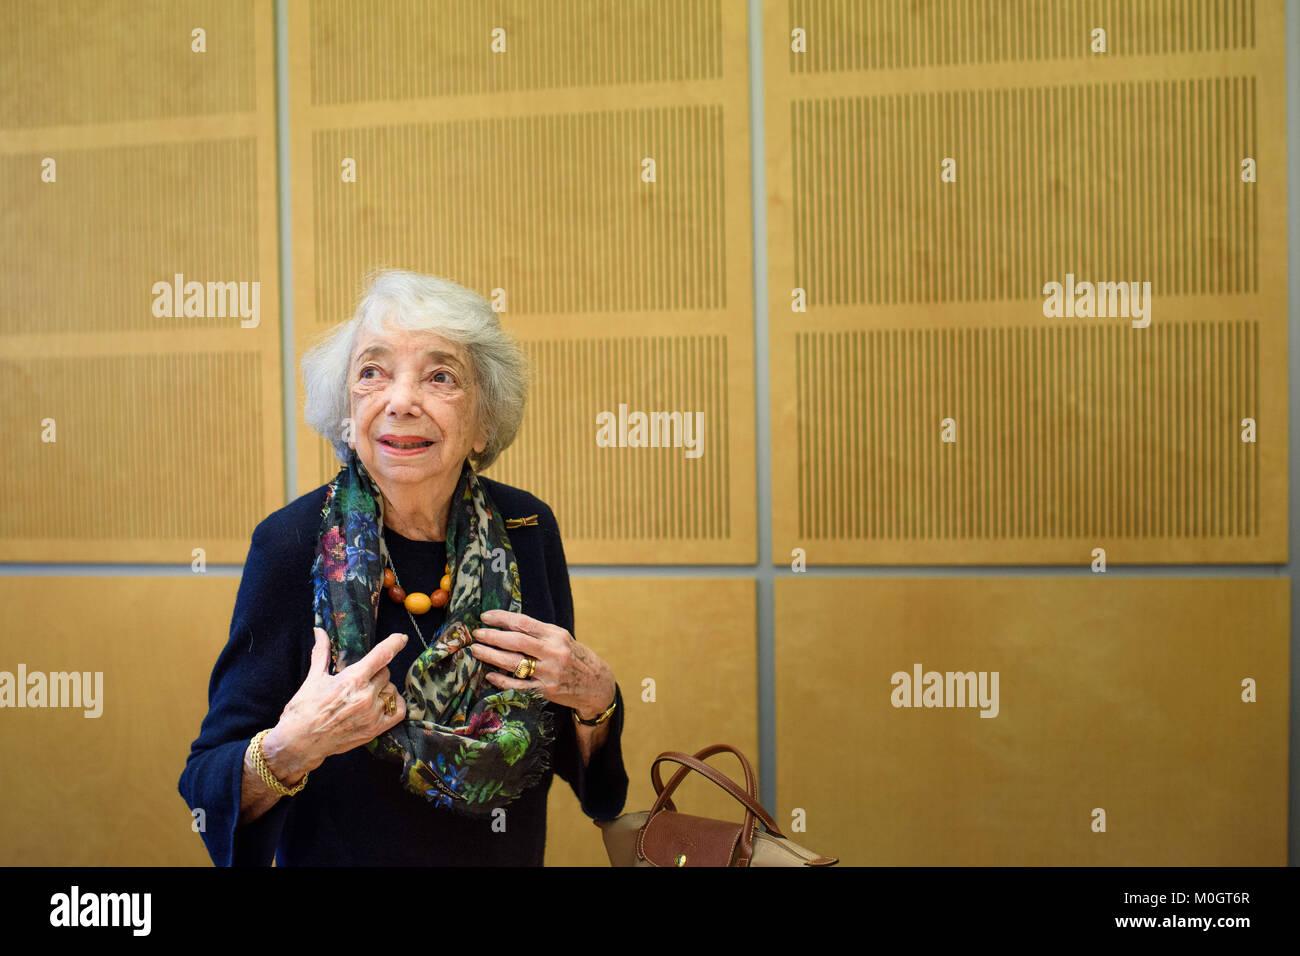 Berlin, Deutschland. 22 Jan, 2018. Holocaust Survivor Margot Friedlaender nimmt an einer Pressekonferenz nach der Stockbild